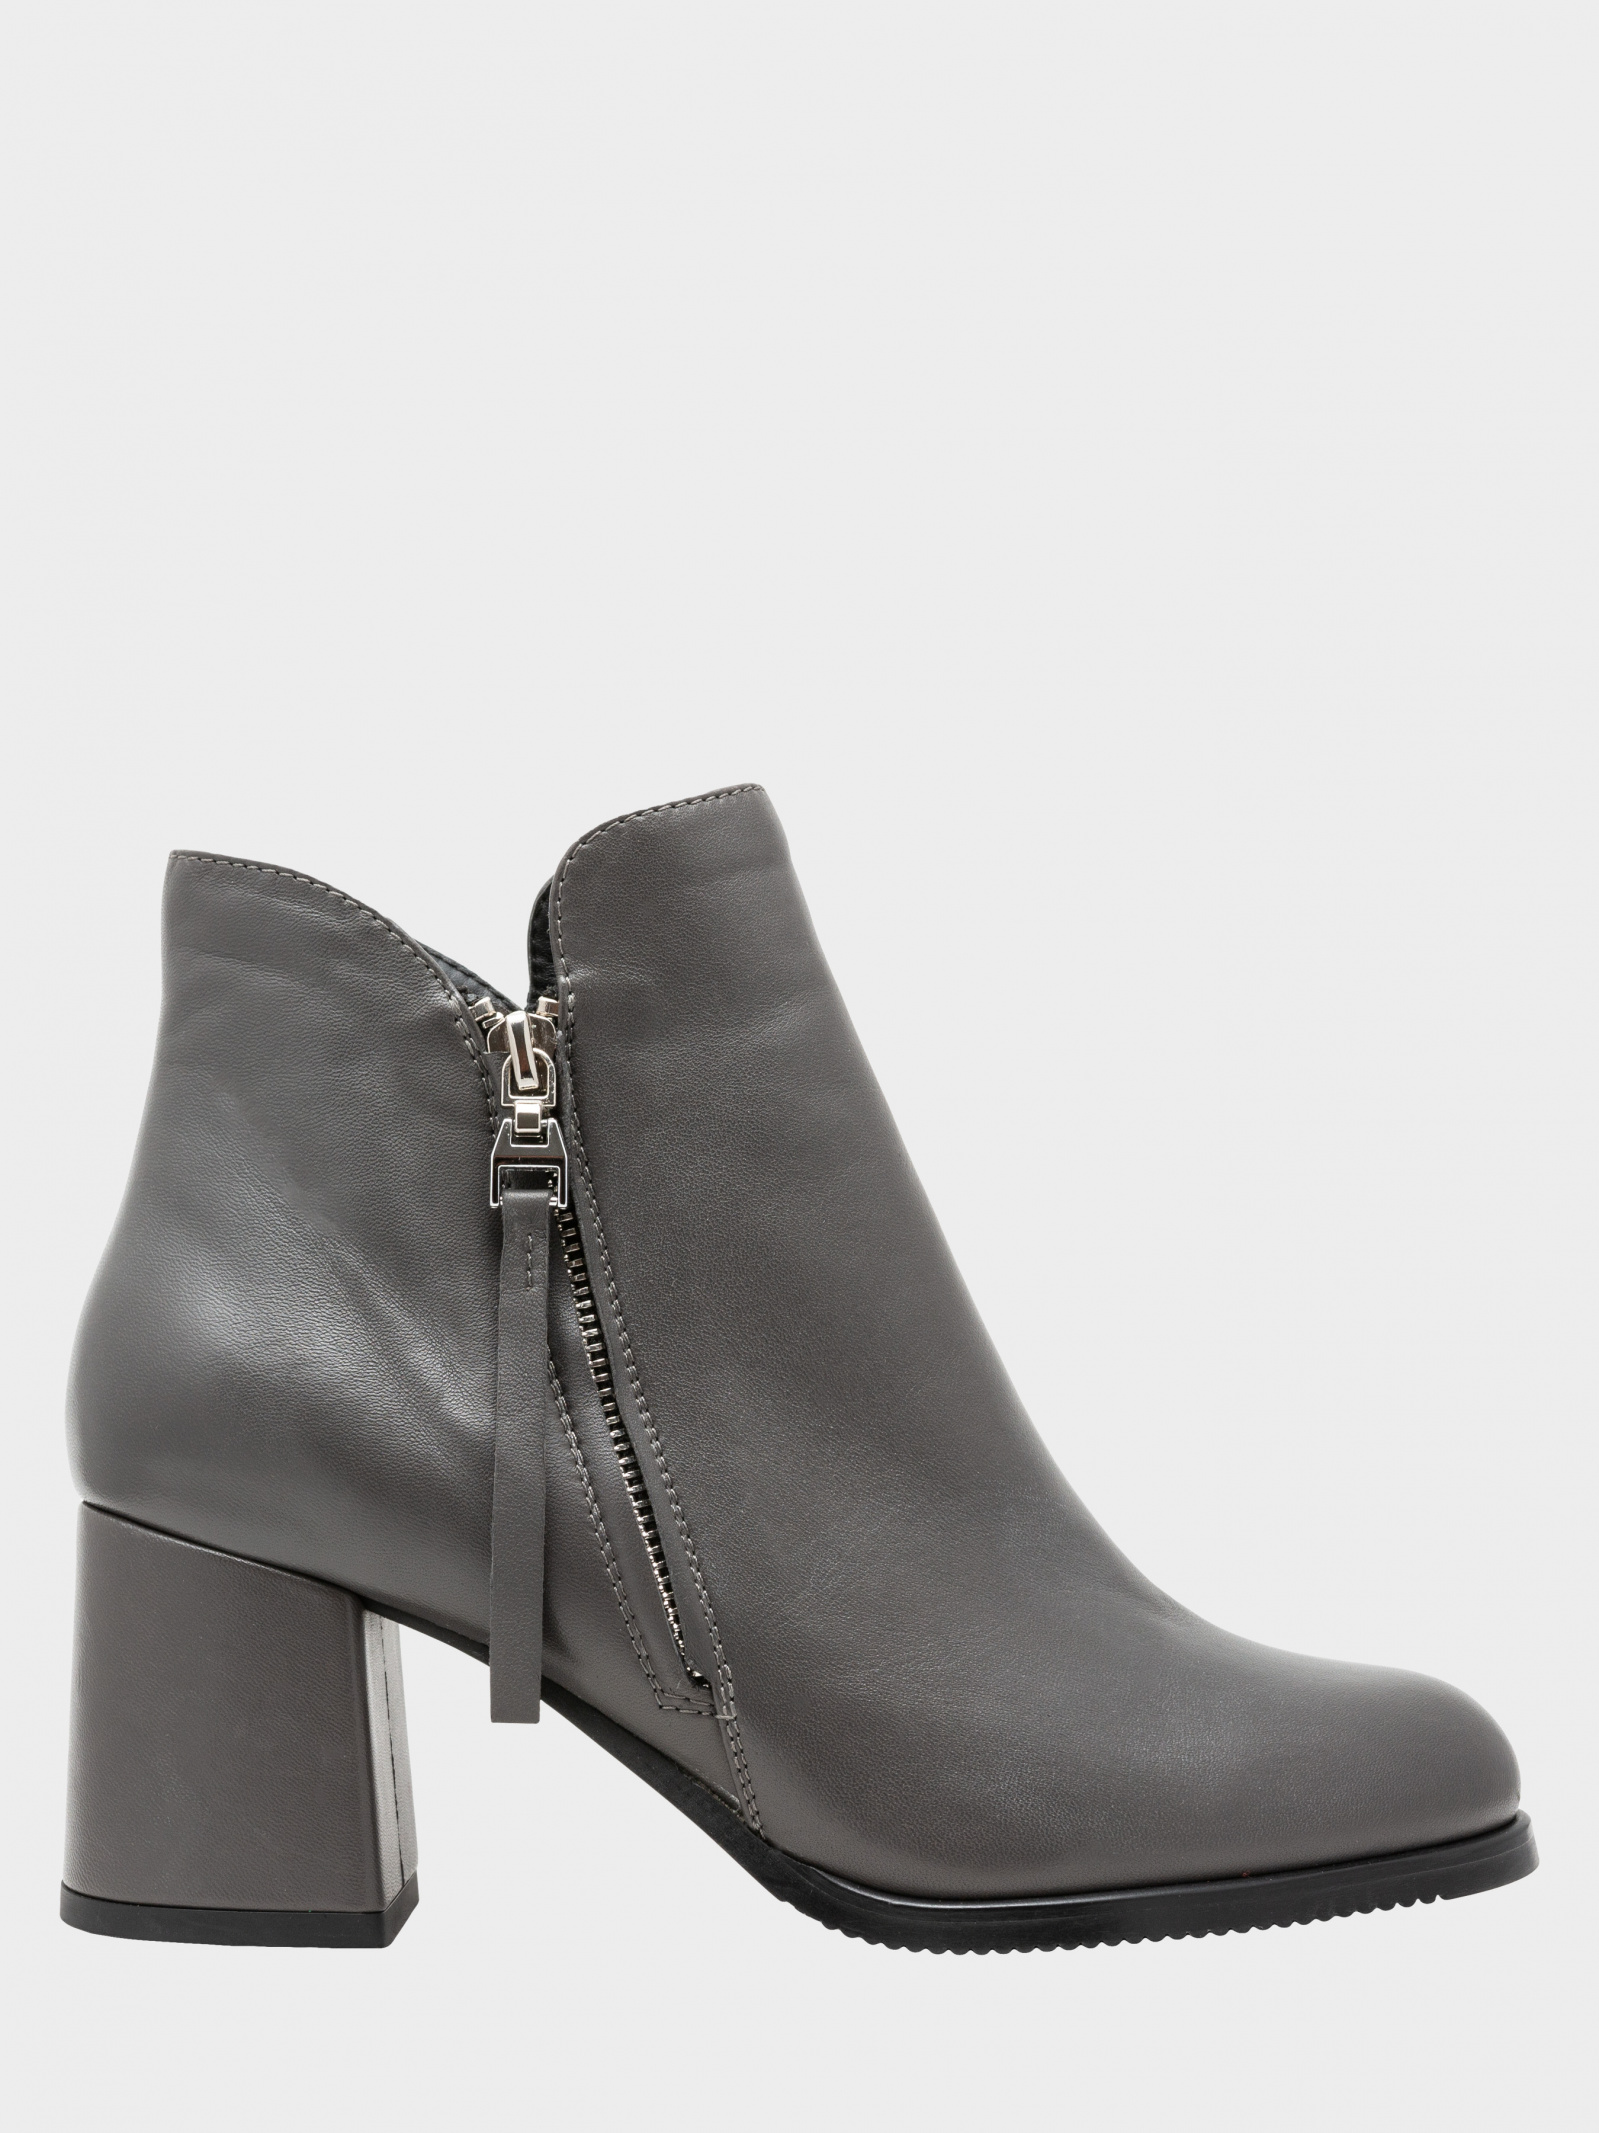 Ботинки для женщин Ботинки женские ENZO VERRATTI 18-2170-12gr брендовая обувь, 2017